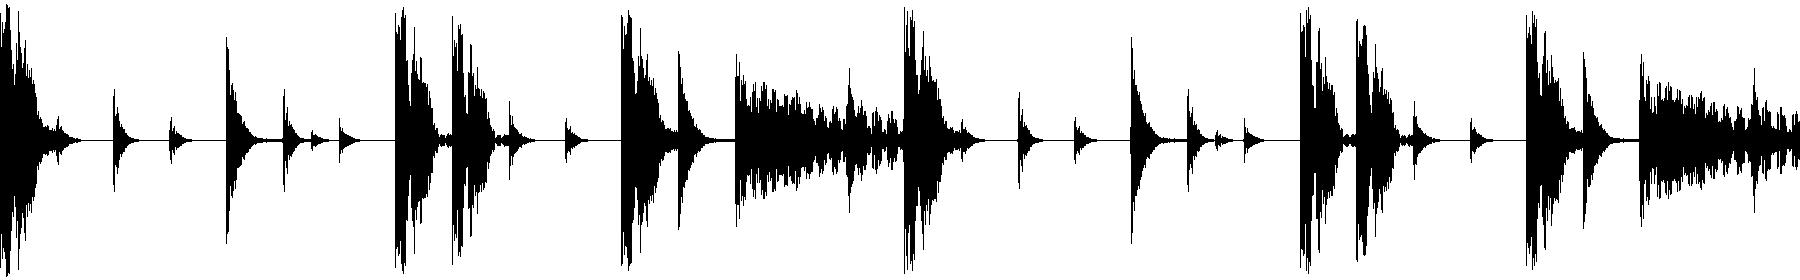 blbc electrodrums 75 01